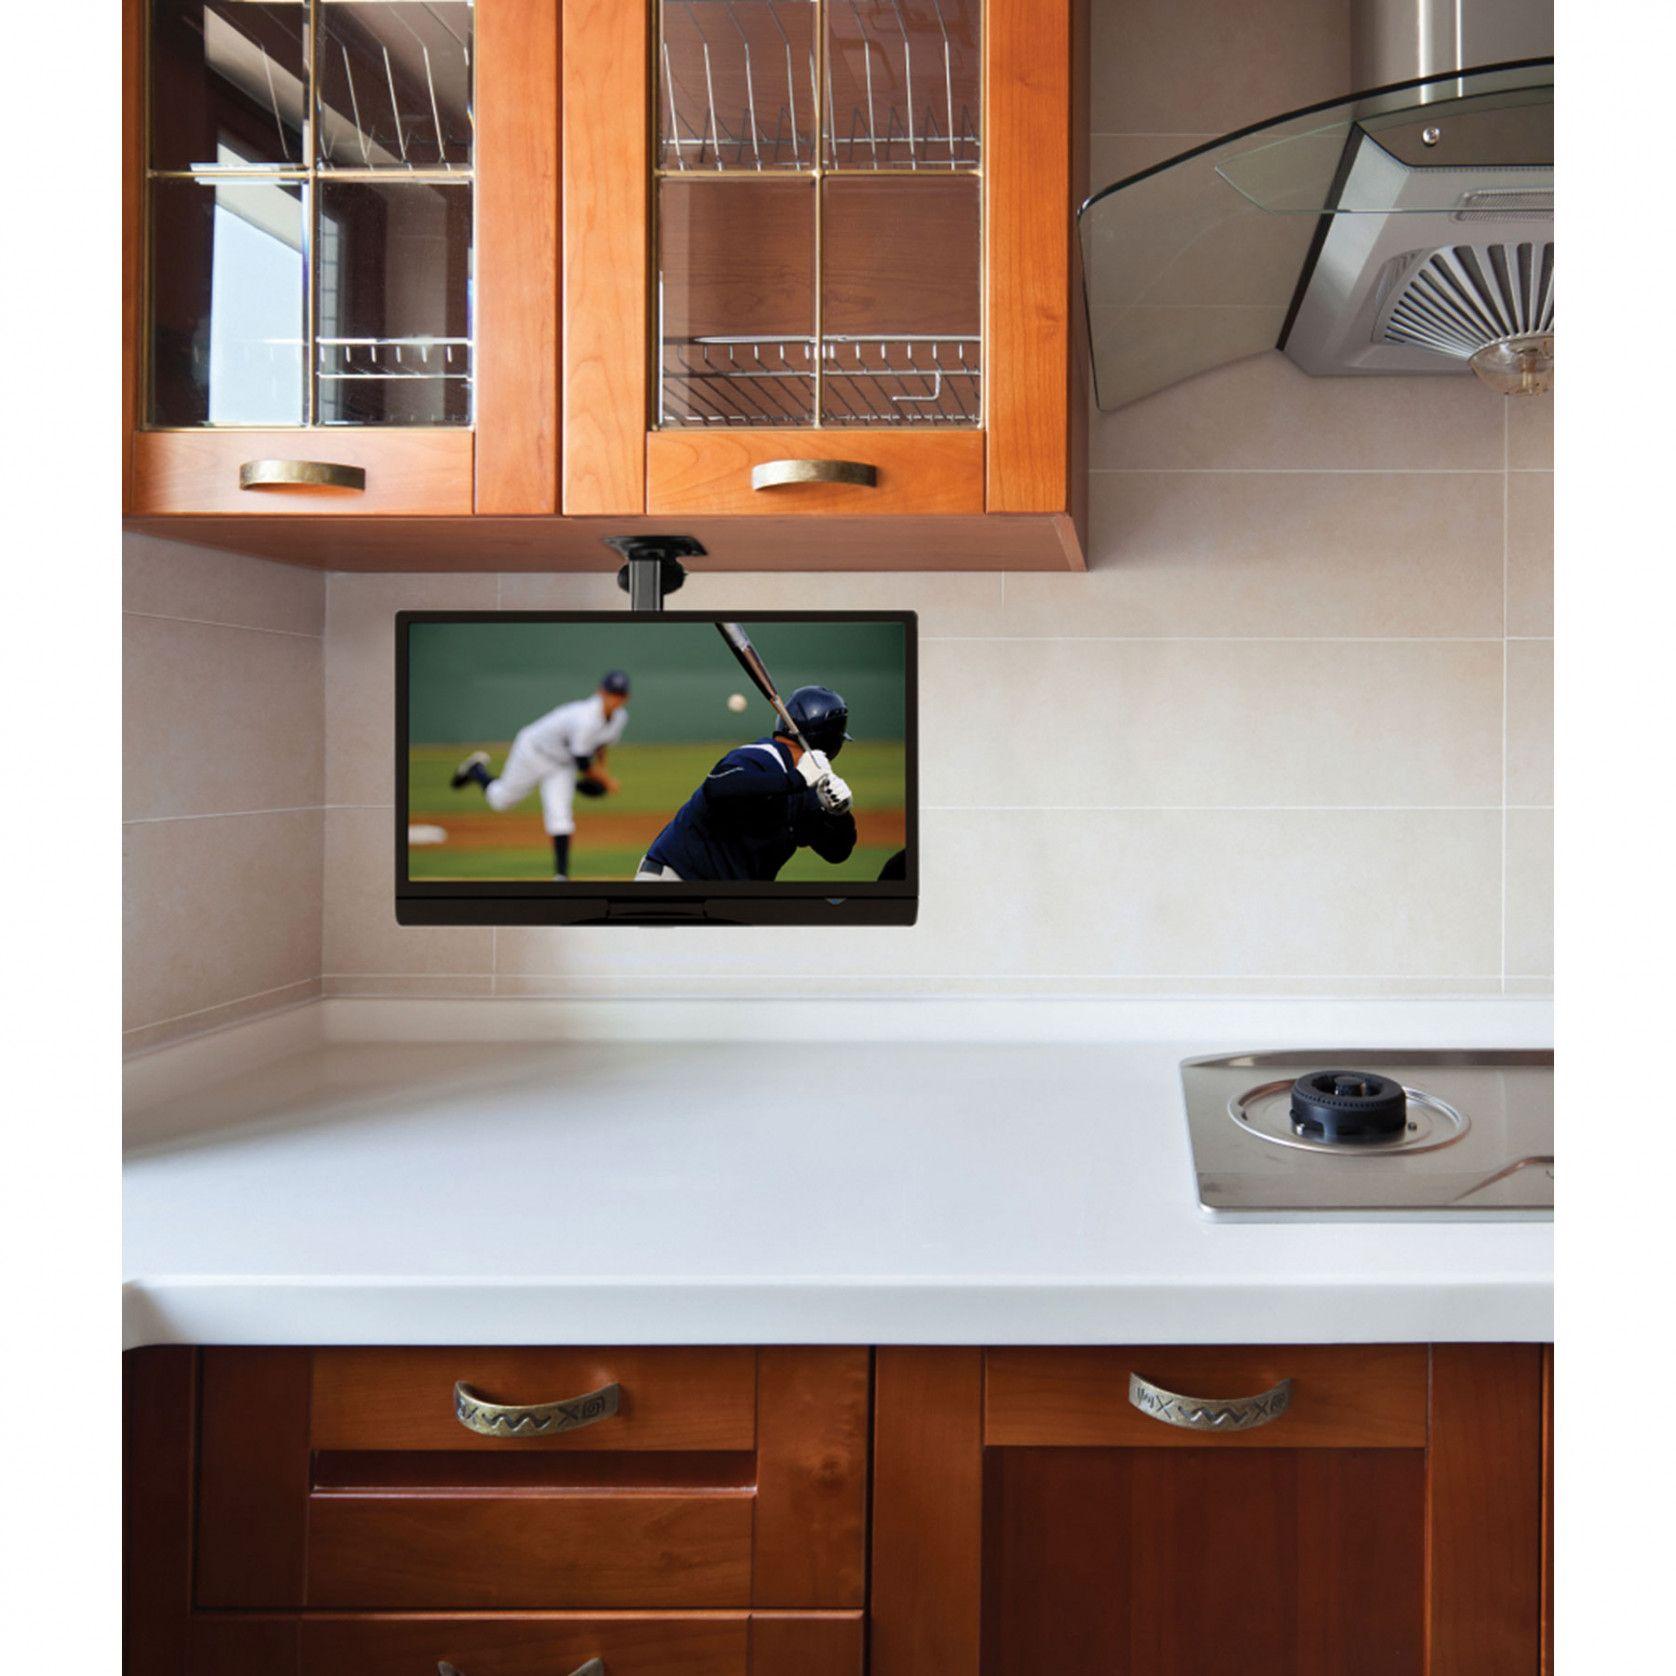 Pin By Rahayu12 On Interior Analogi Tv In Kitchen Kitchen